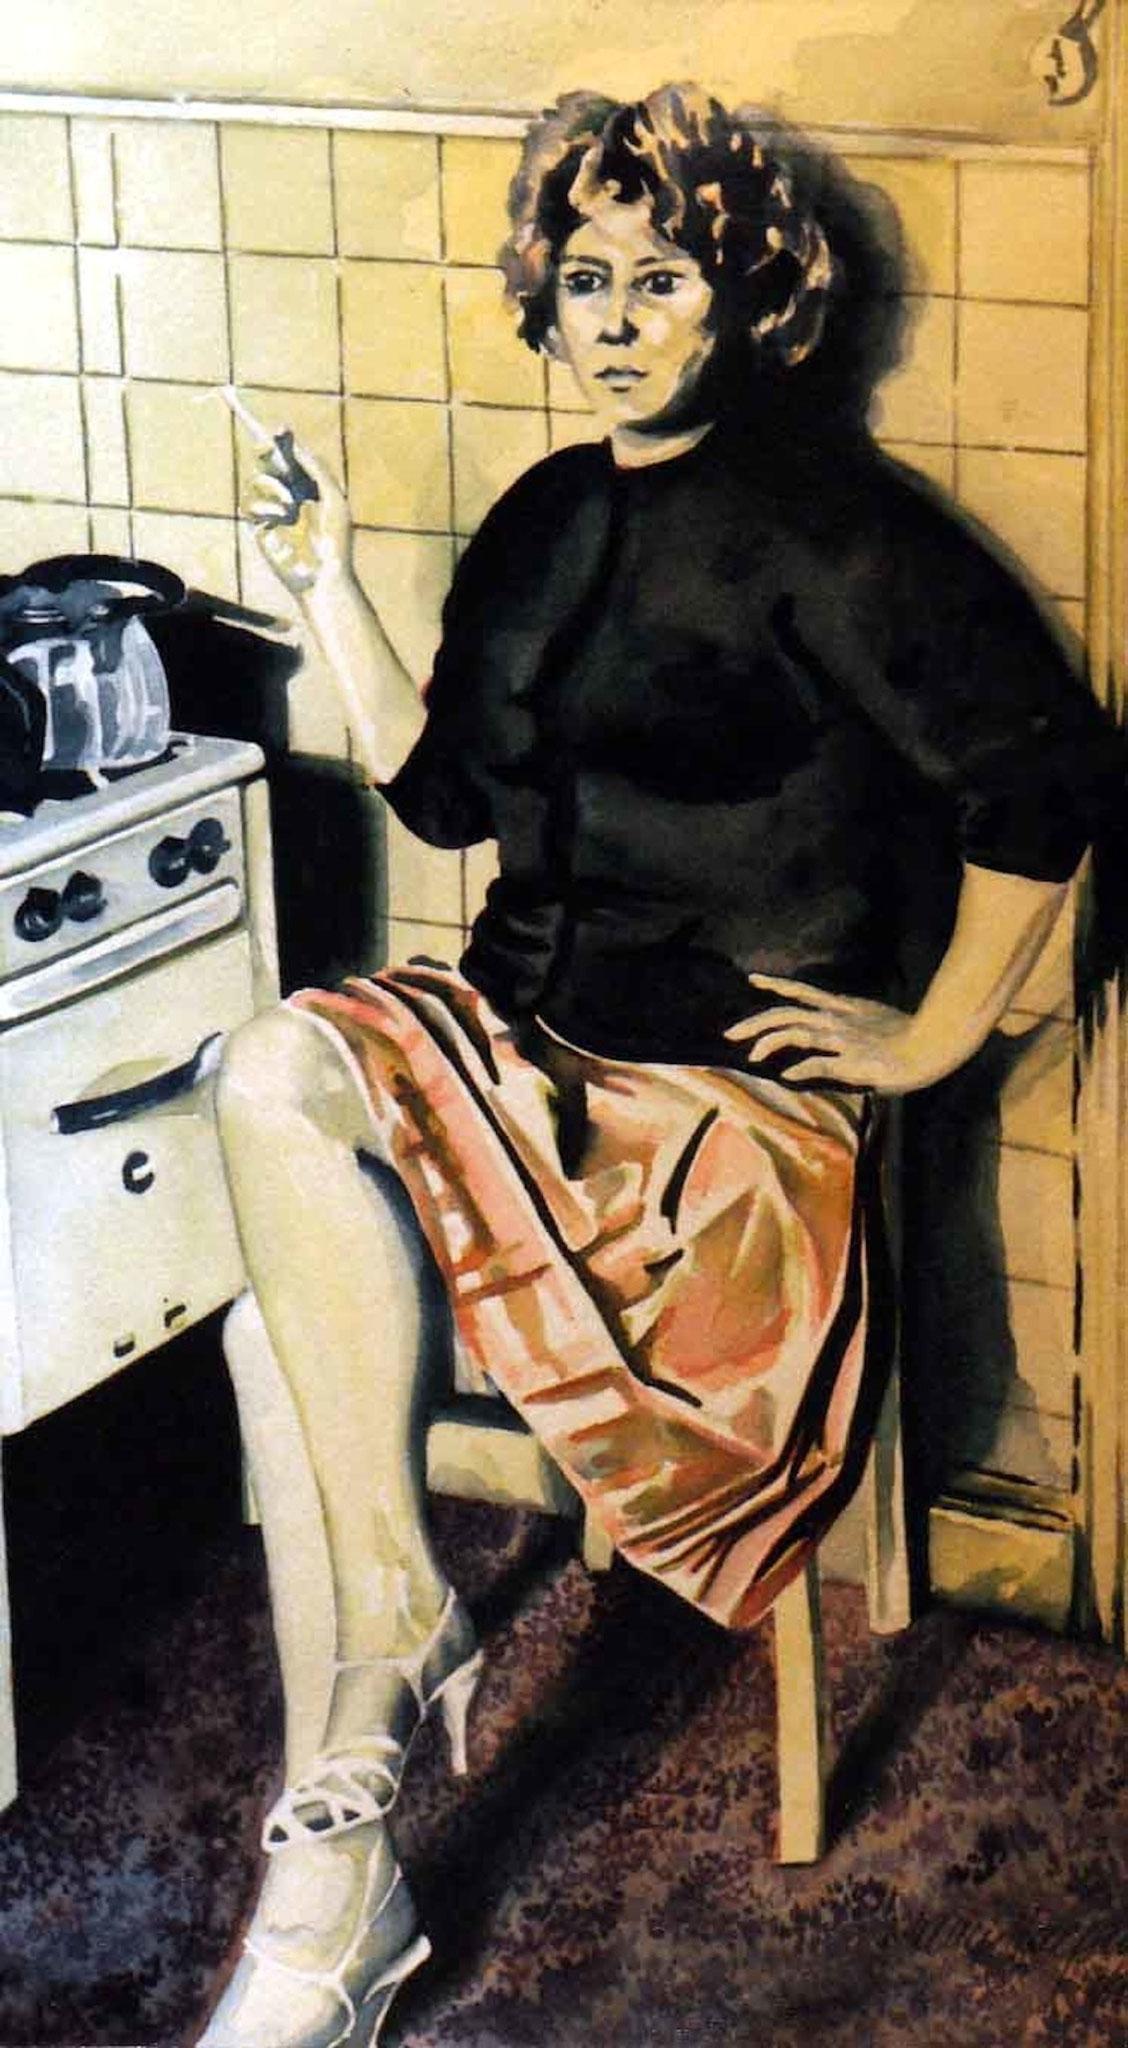 ' In meiner Küche ' Aquarell, 47 x 27 cm, 1995